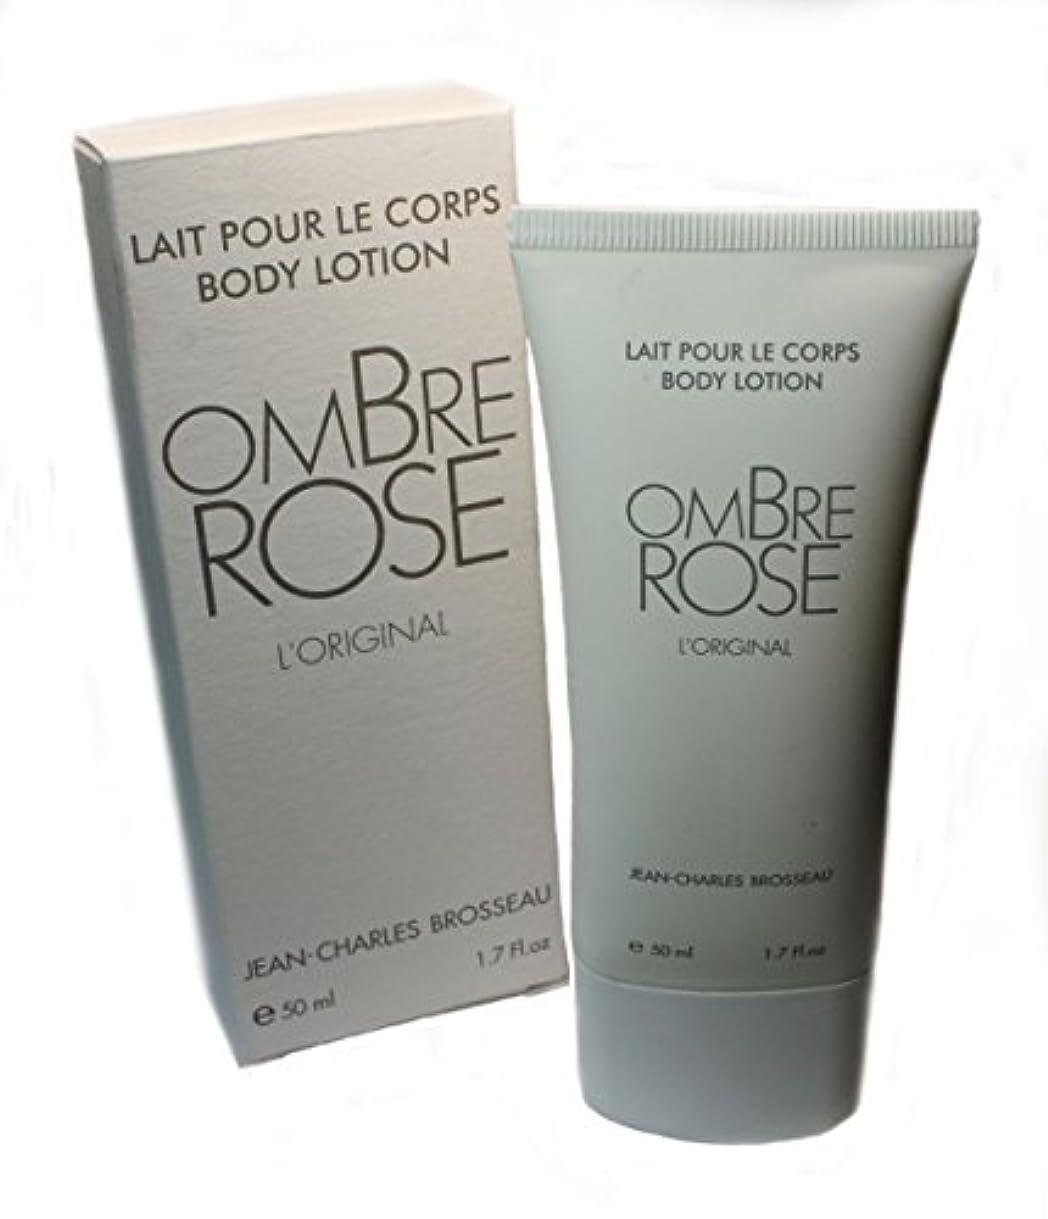 思いやり不可能な信号Jean-Charles Brosseau Ombre Rose L'Original Body Lotion(ジャン シャルル ブロッソー オンブル ローズ オリジナル ボディーローション)50ml